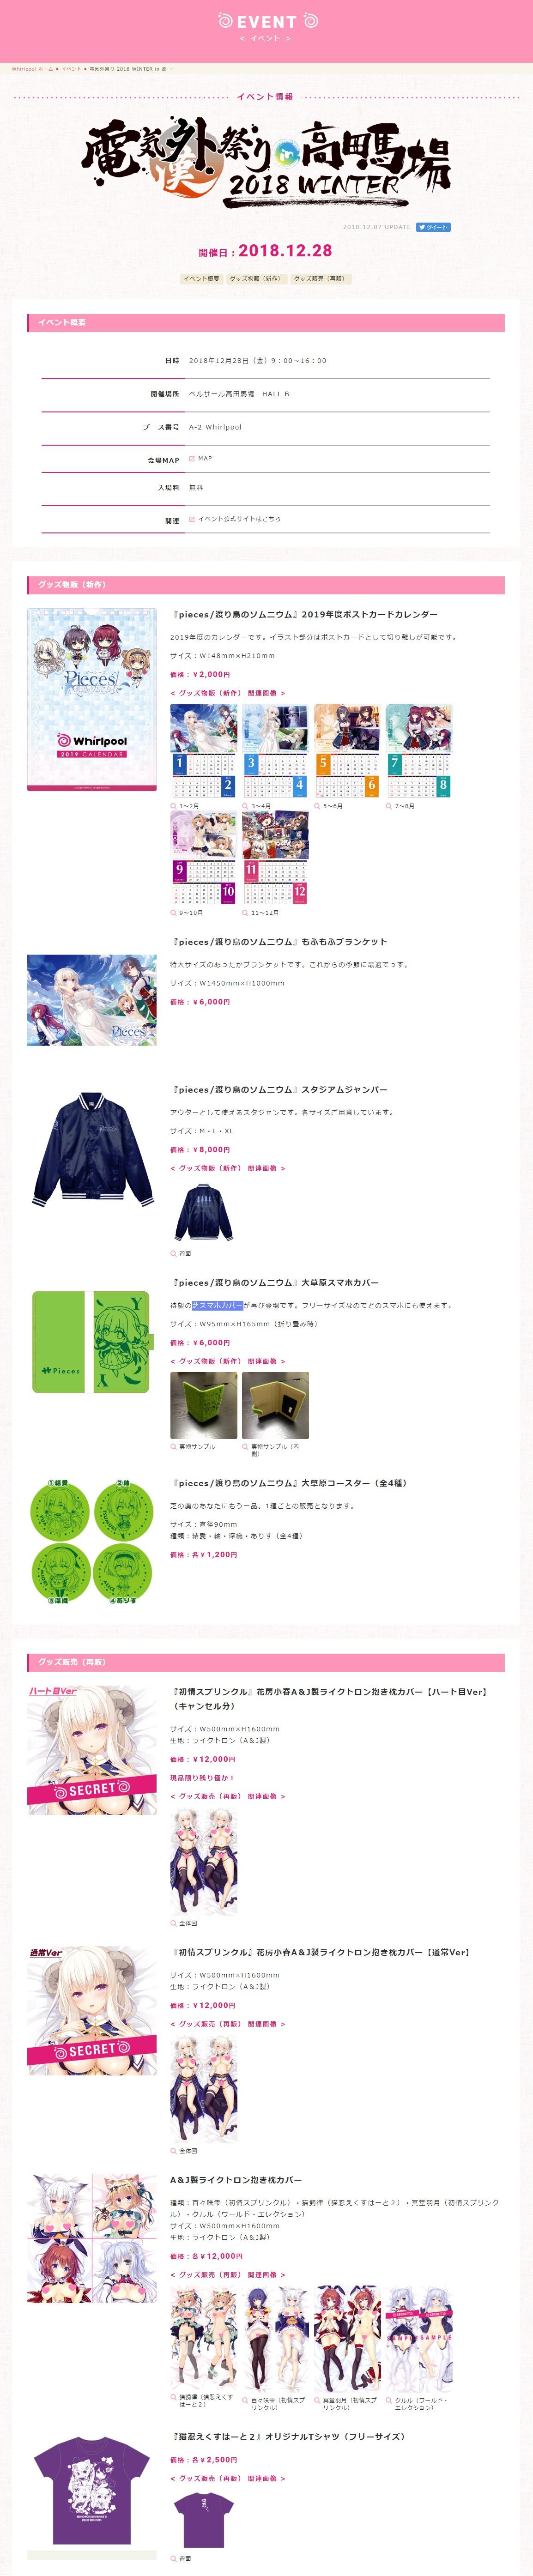 電気外祭り 2018 WINTER in 高田馬場|Whirlpool(ワールプール)オフィシャルWEBサイト